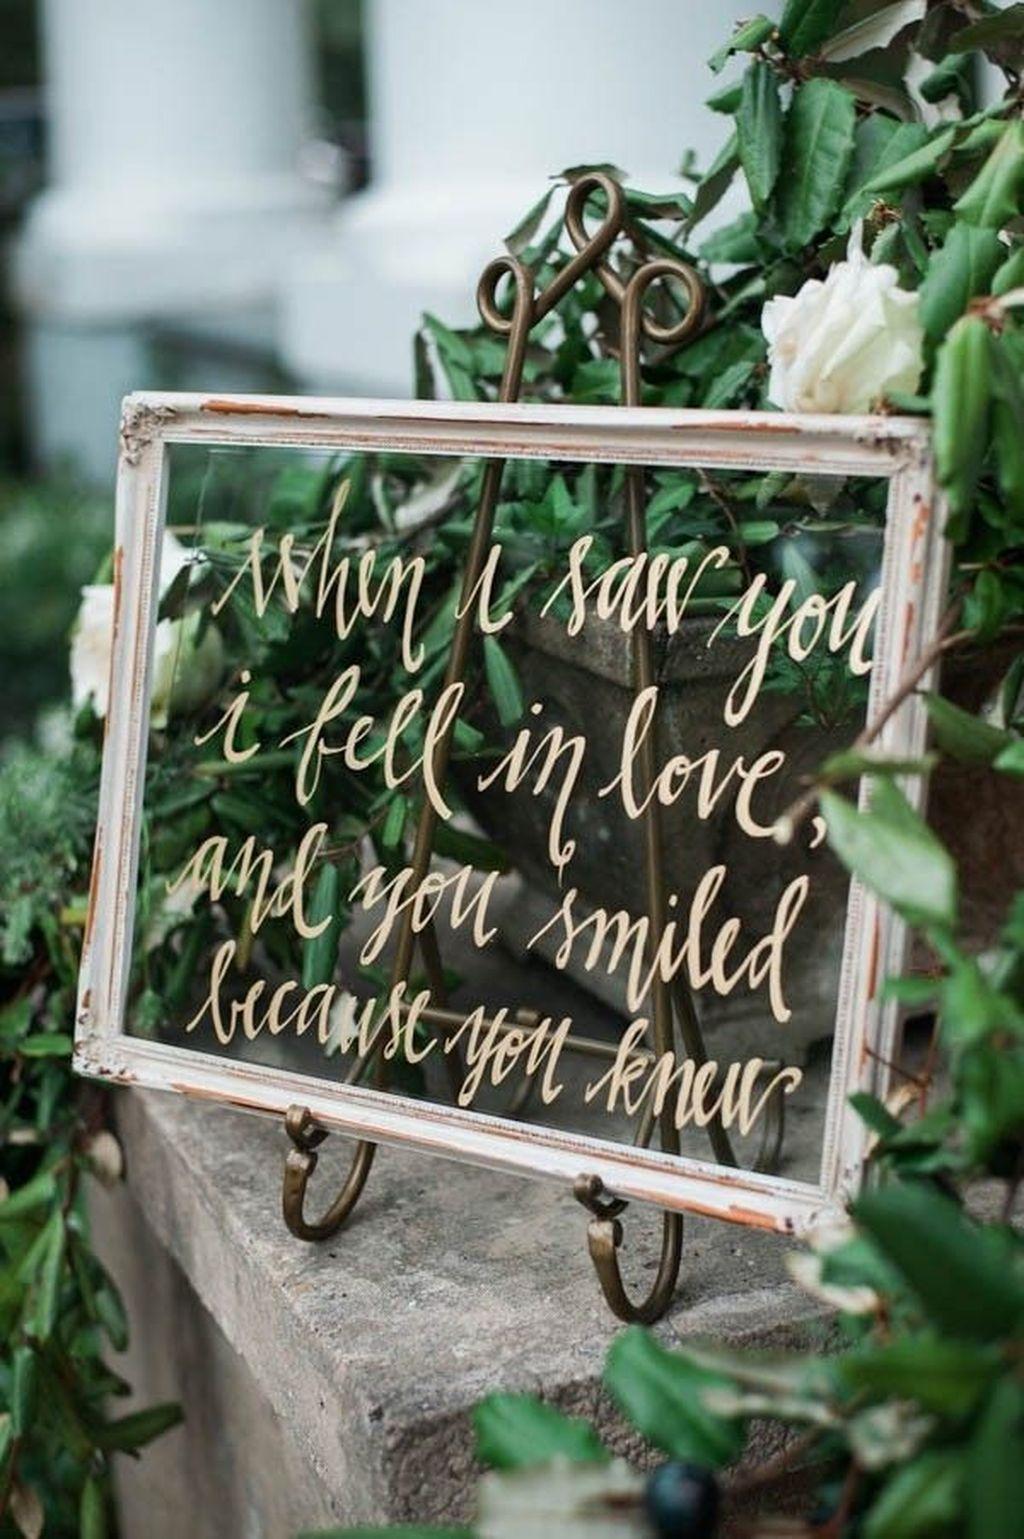 Huwelijk quote op glas